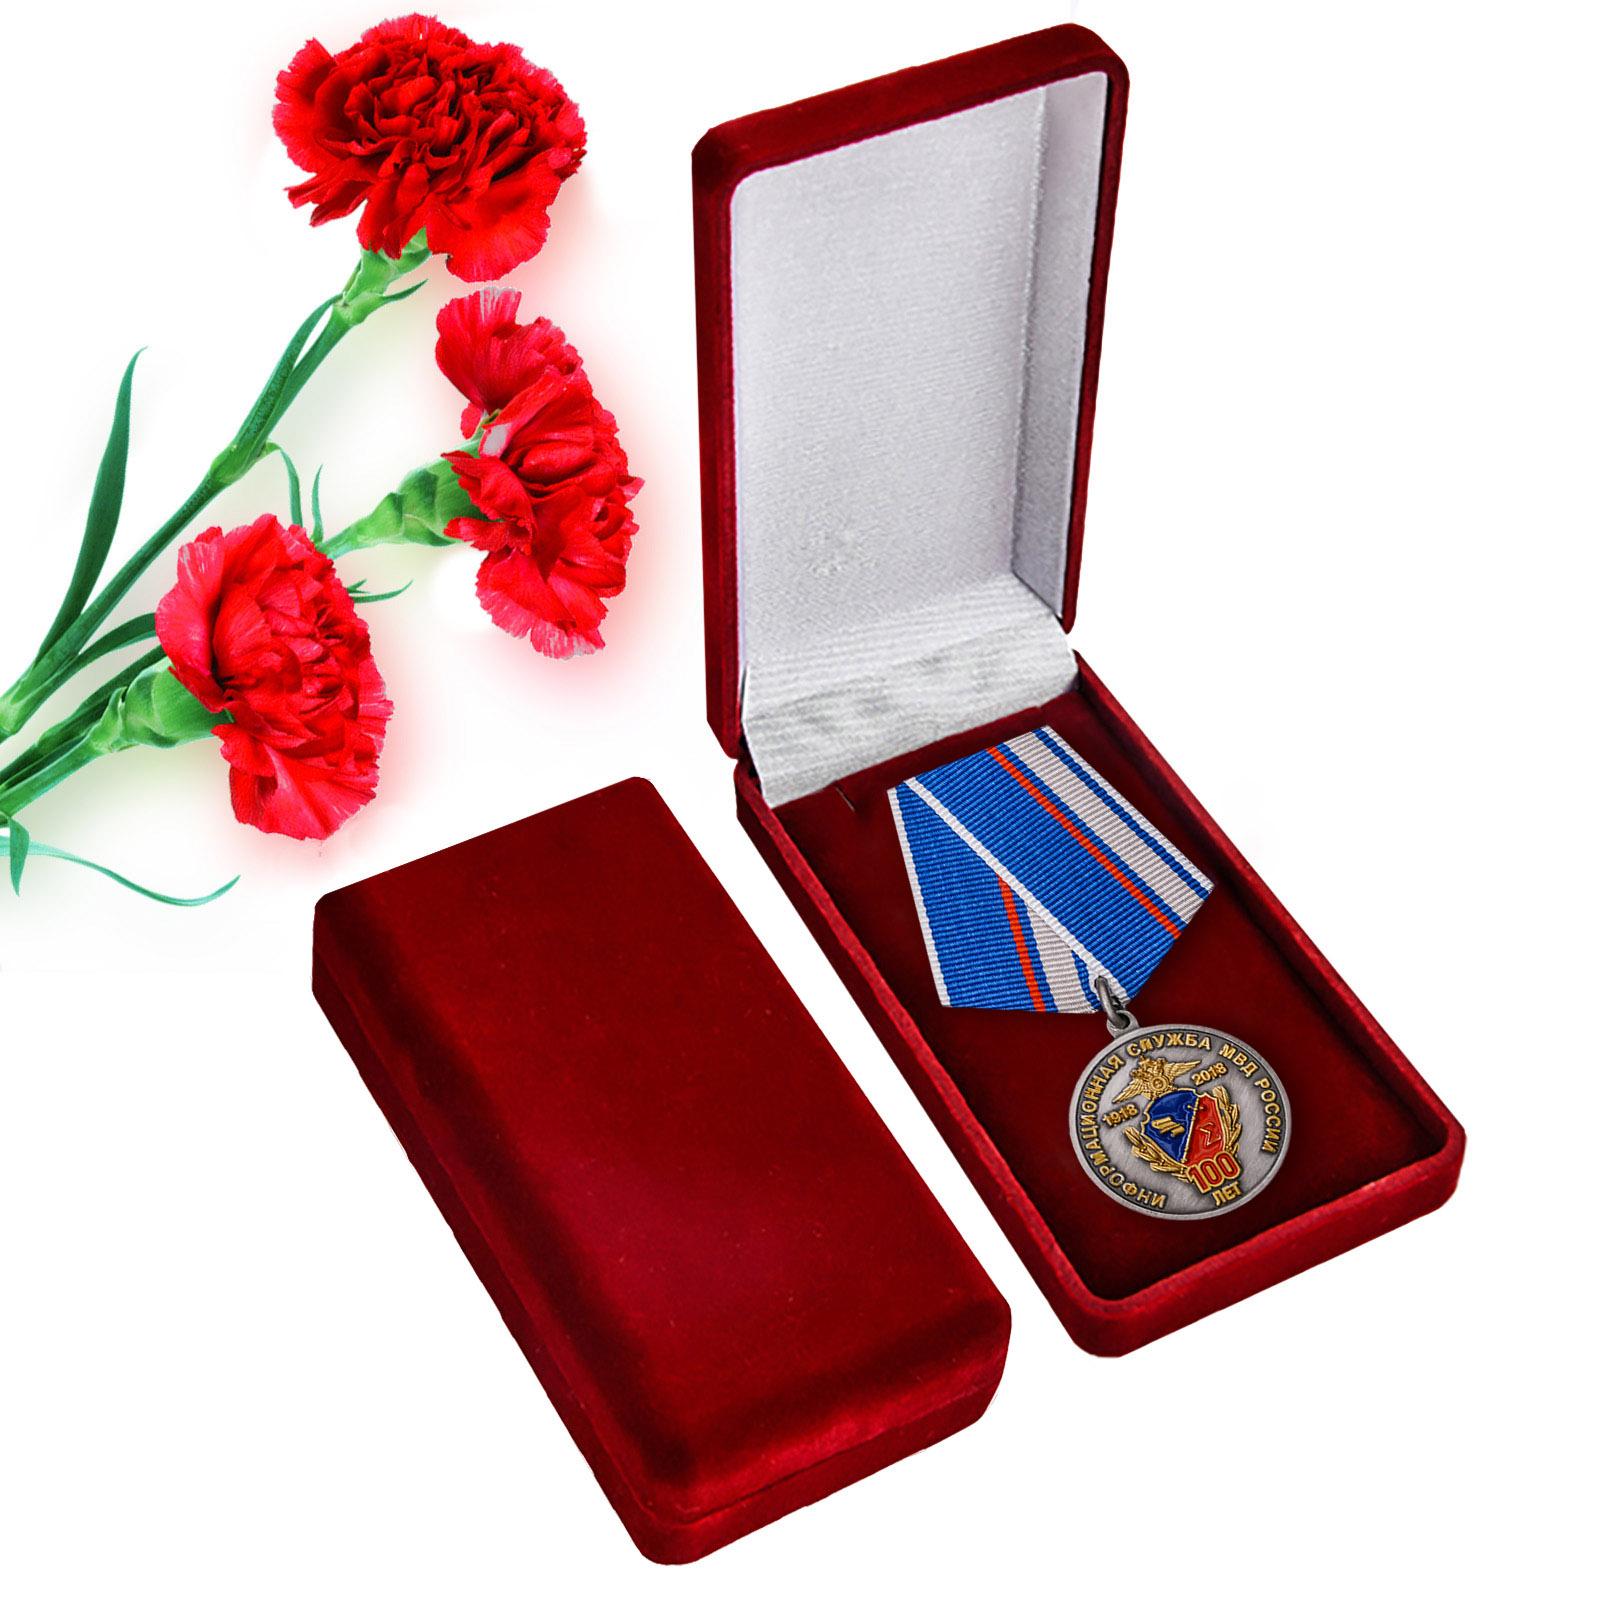 Купить юбилейную медаль 100 лет Информационной службе МВД России по лучшей цене